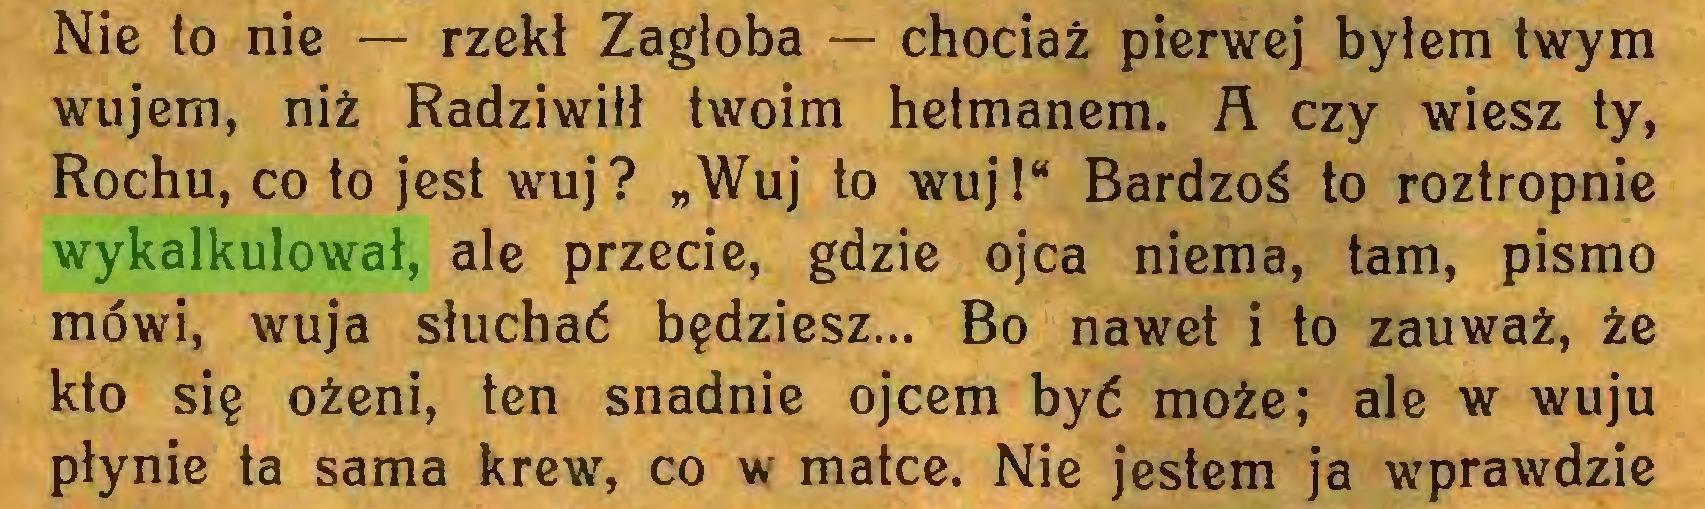 """(...) Nie to nie — rzekł Zagłoba — chociaż pierwej byłem twym wujem, niż Radziwiłł twoim hetmanem. A czy wiesz ty, Rochu, co to jest wuj? """"Wuj to wuj!"""" Bardzoś to roztropnie wykalkulował, ale przecie, gdzie ojca niema, tam, pismo mówi, wuja słuchać będziesz... Bo nawet i to zauważ, że kto się ożeni, ten snadnie ojcem być może; ale w wuju płynie ta sama krew, co w matce. Nie jestem ja wprawdzie..."""